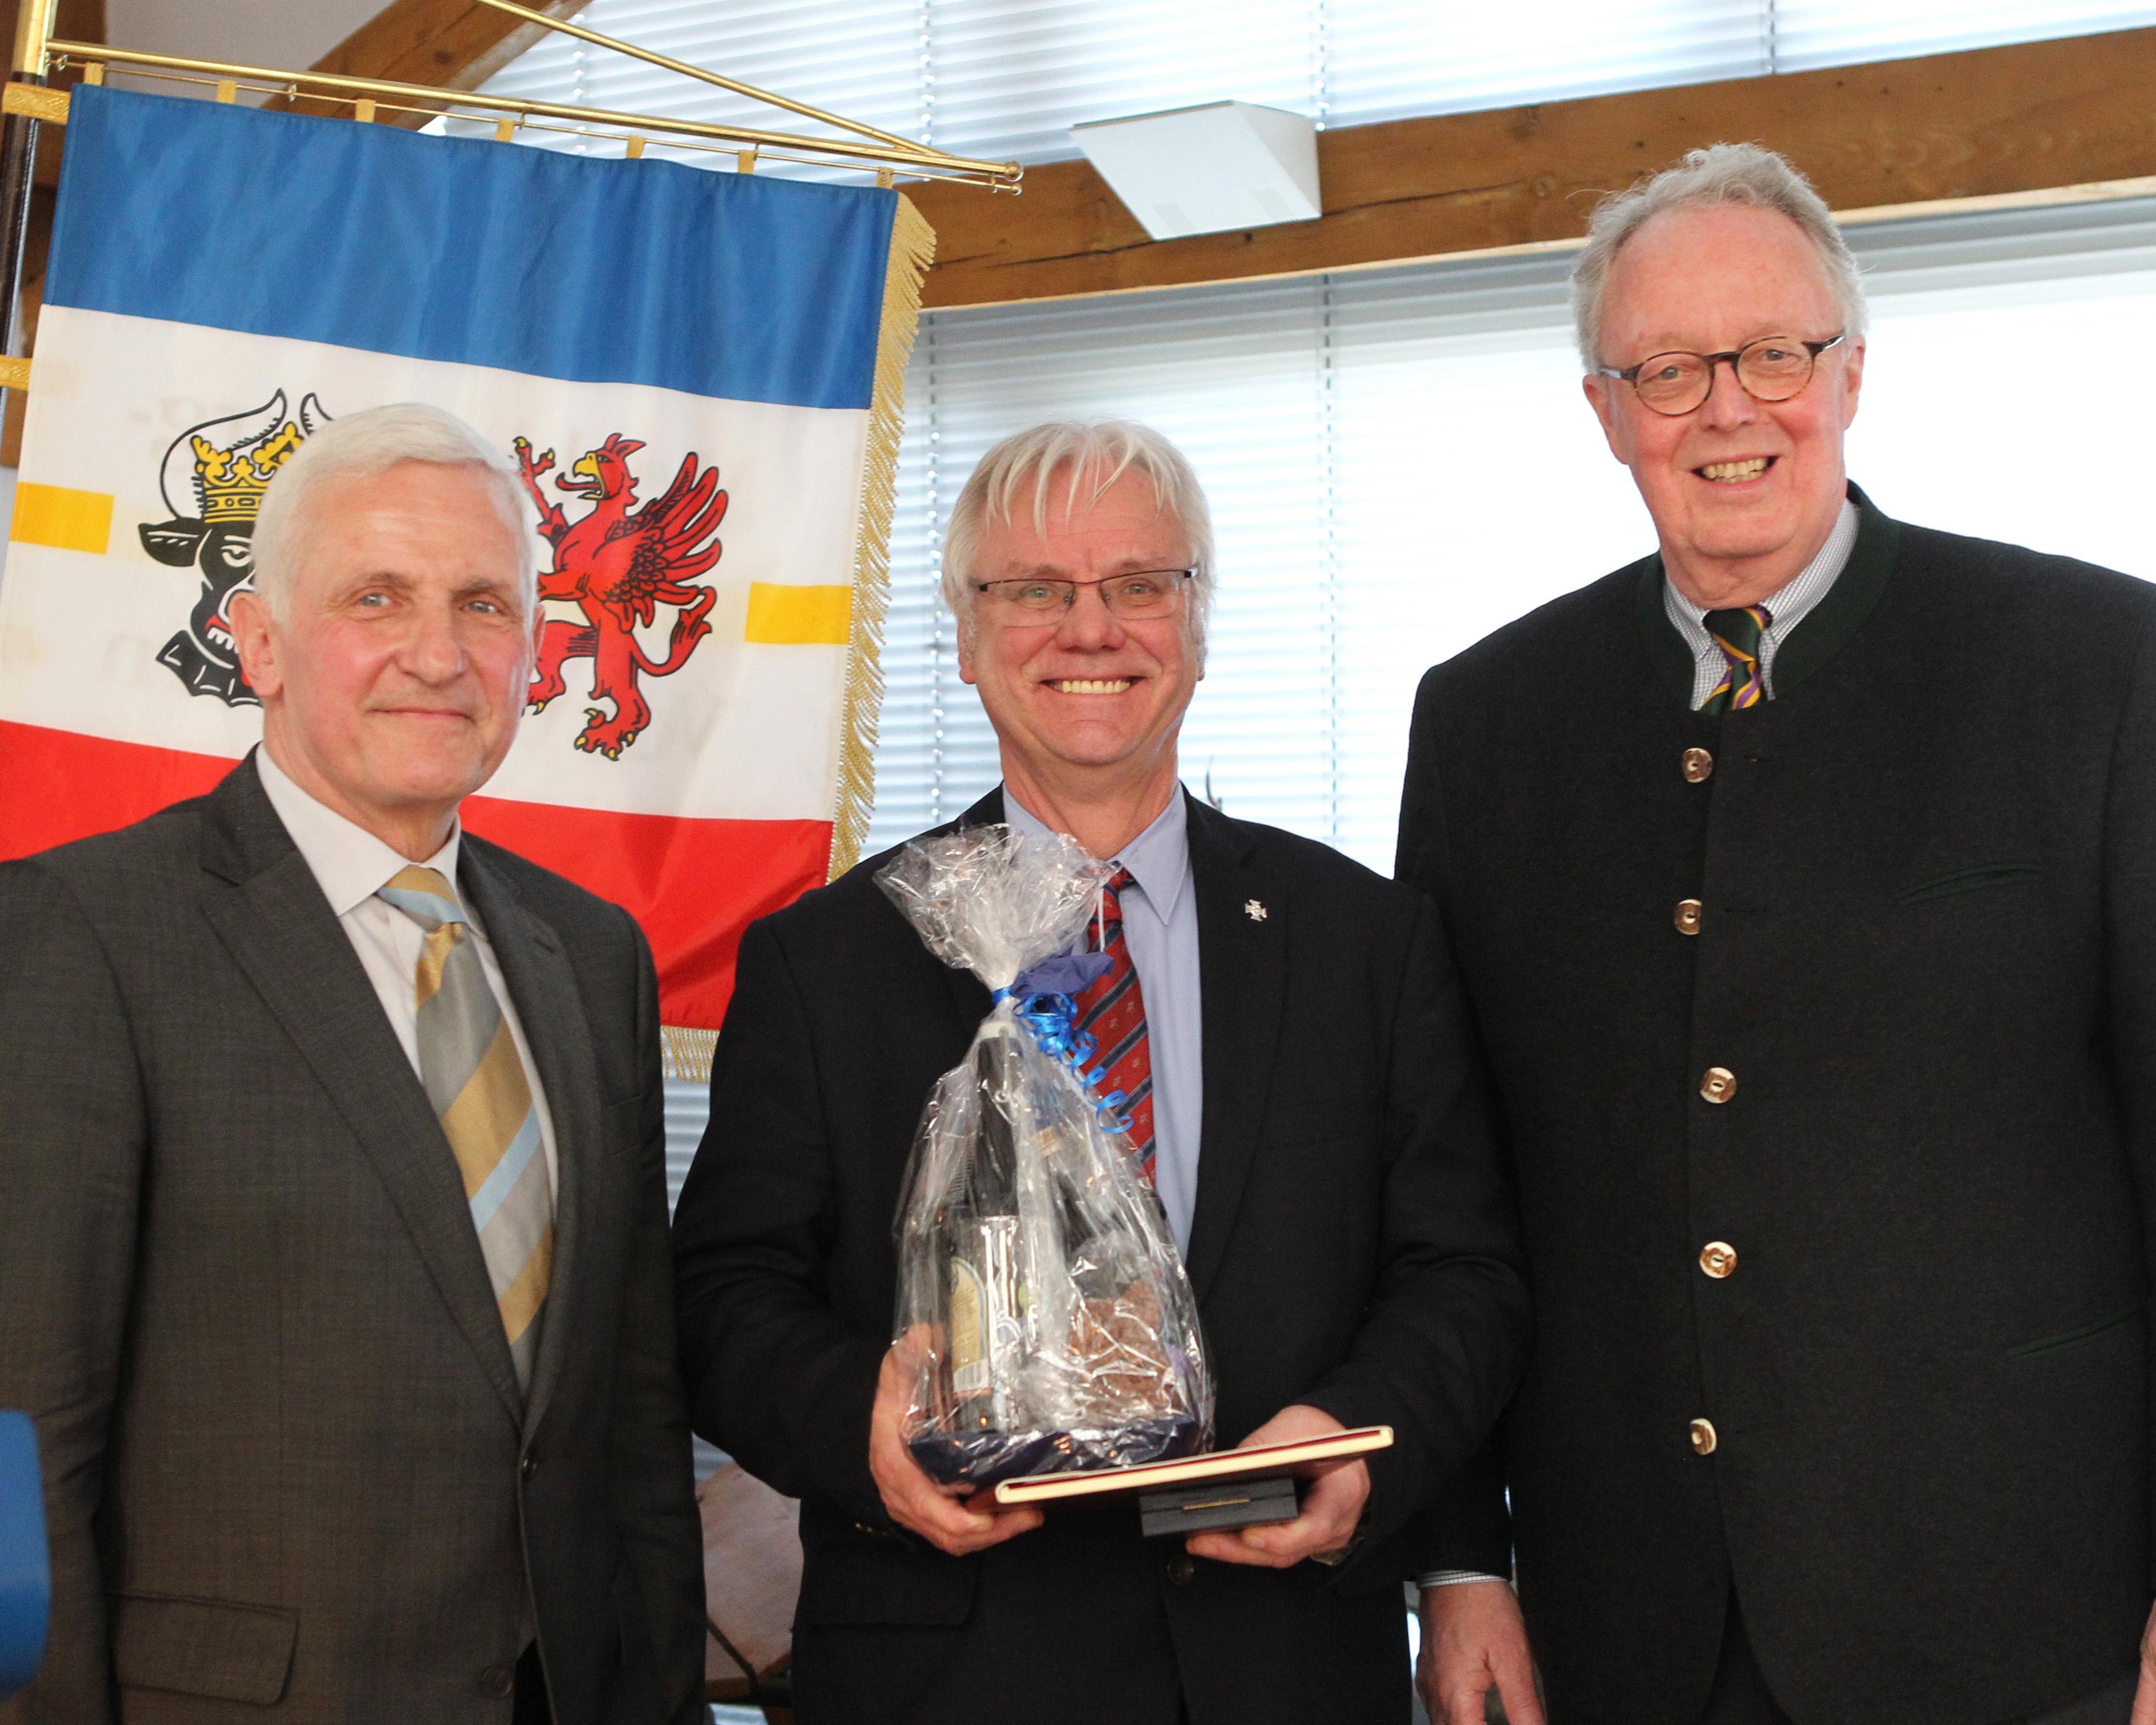 FN-Vizepräsident Dieter Medow (r.) und MV-Verbandspräsident Dr. Burkhard Dittmann haben Hans-Joachim Begall am 30. März in Güstrow zur Auszeichnung mit dem Deutschen Reiterkreuz in Silber gratuliert. Foto: Jutta Wego